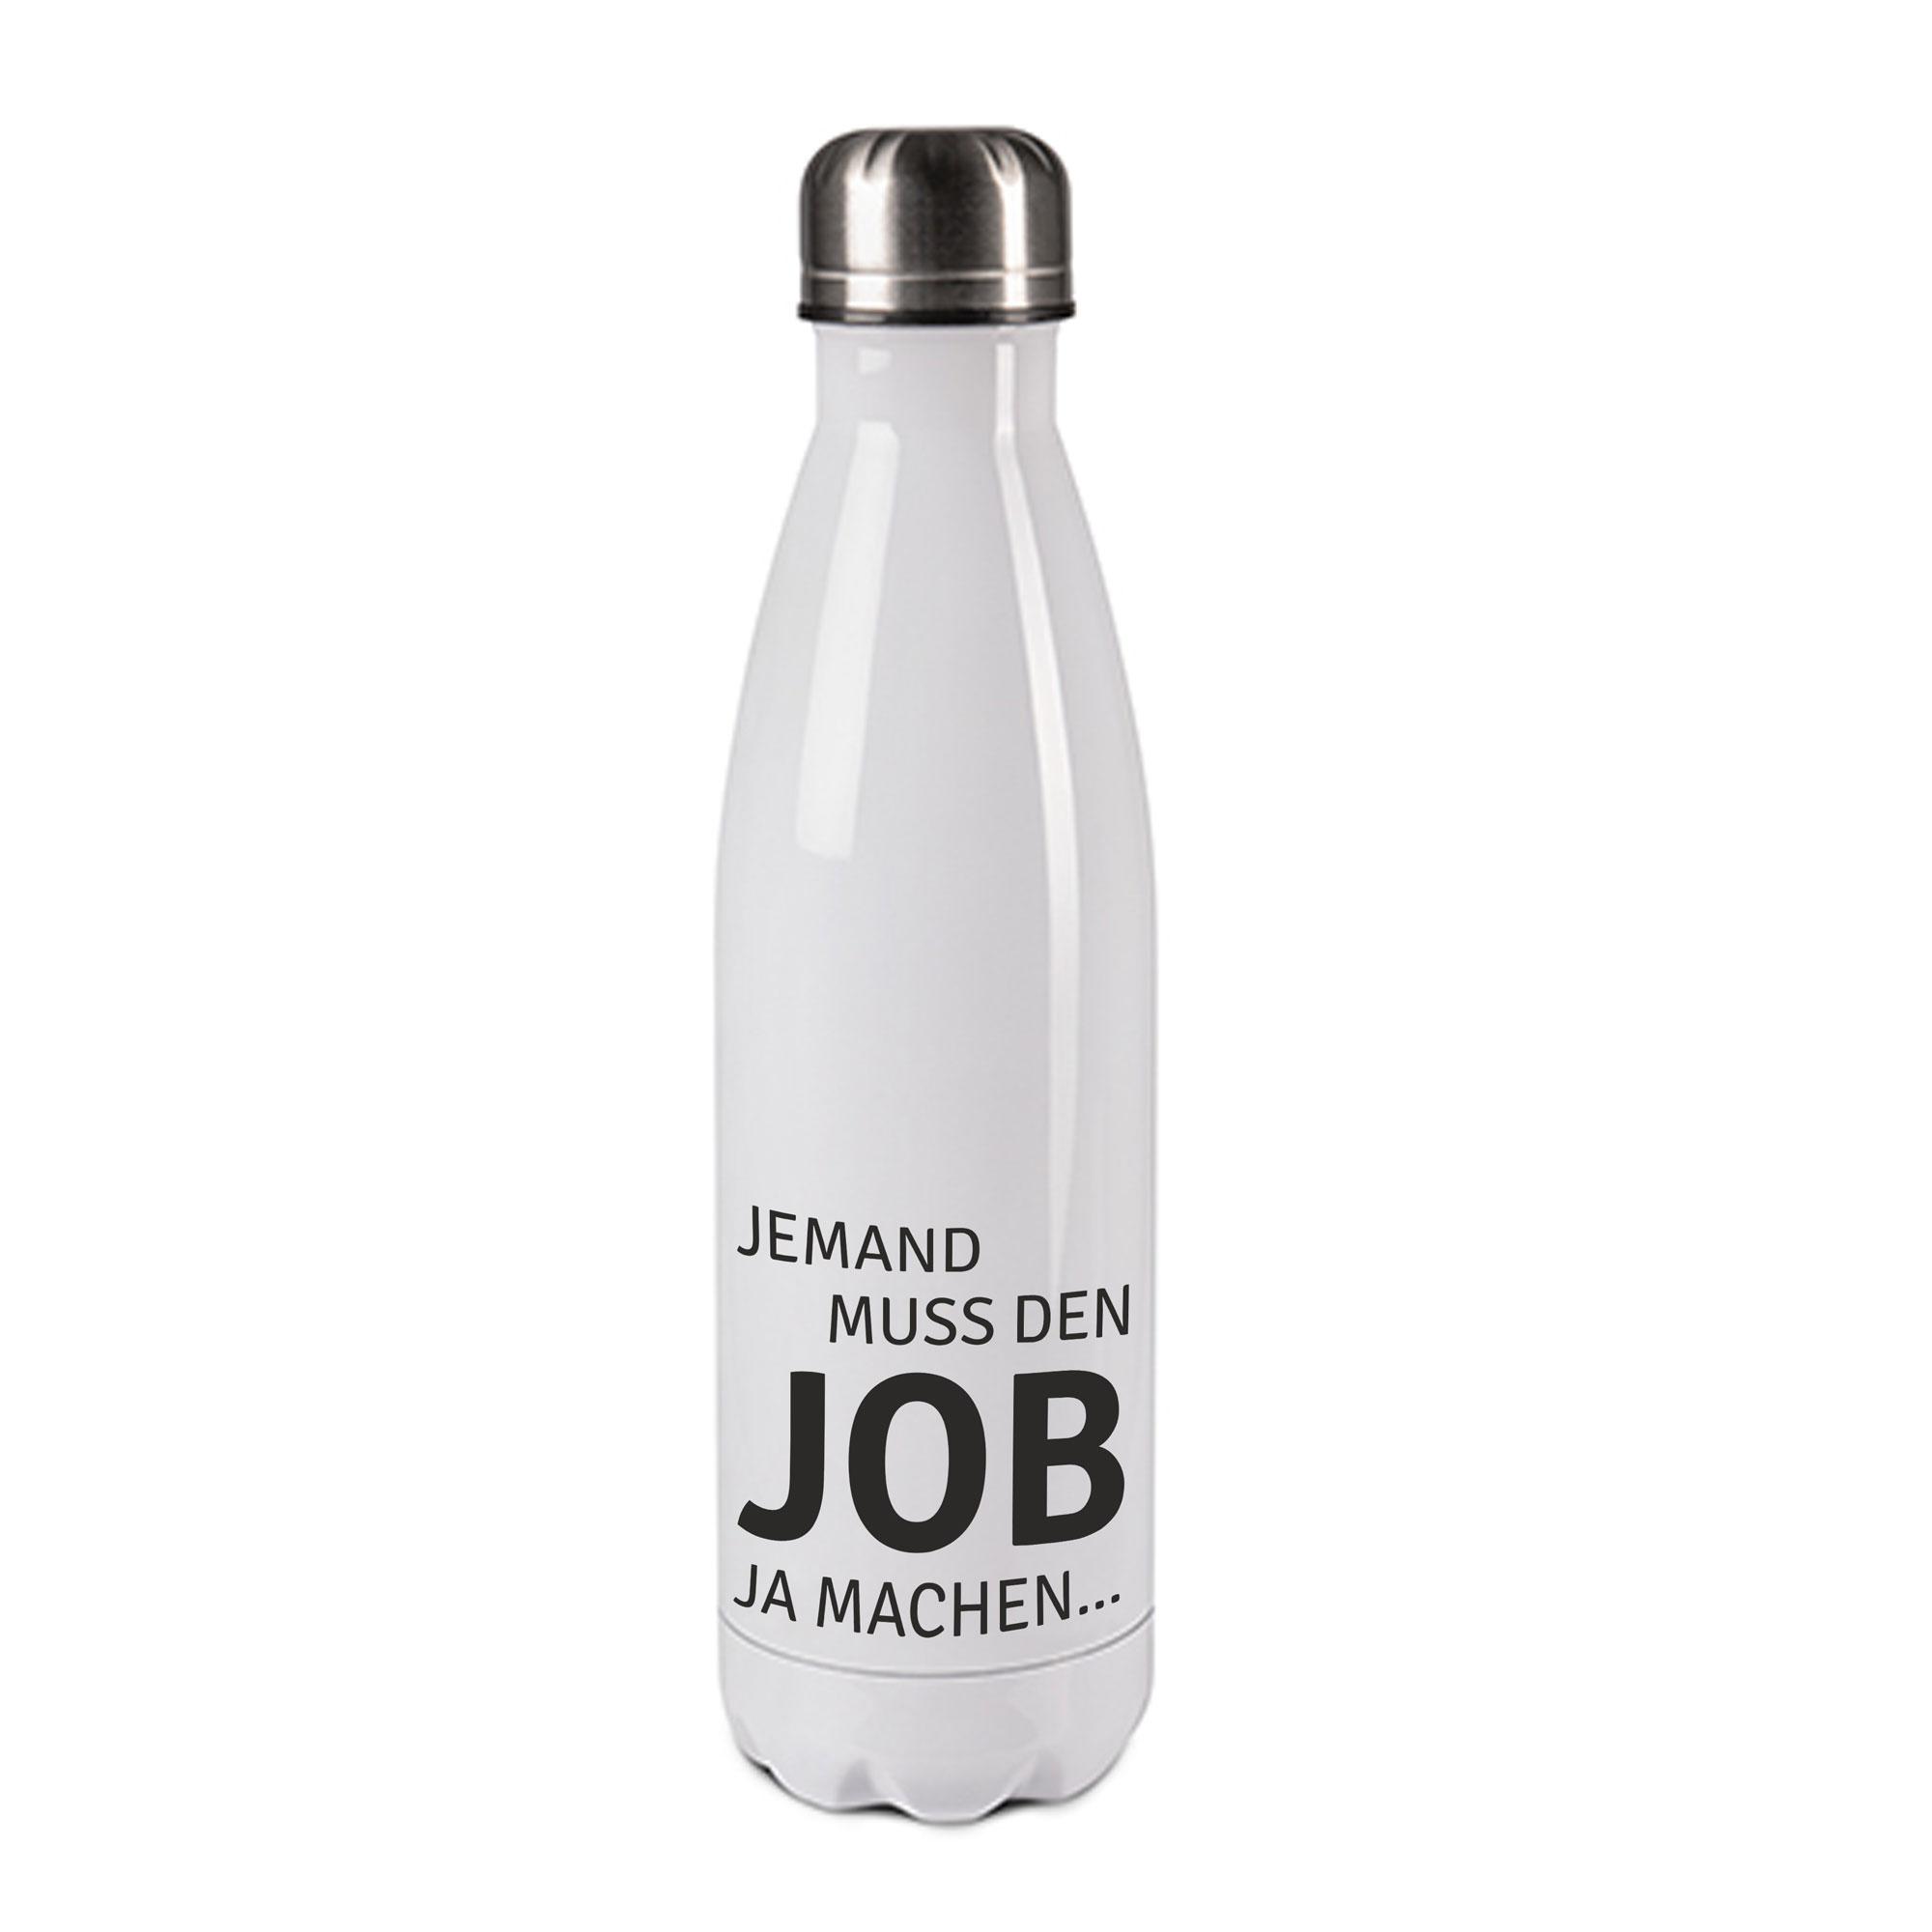 Edelstahl-Thermosflasche weiß/weiß mit Druck: JEMAND MUSS DEN JOB JA MACHEN......